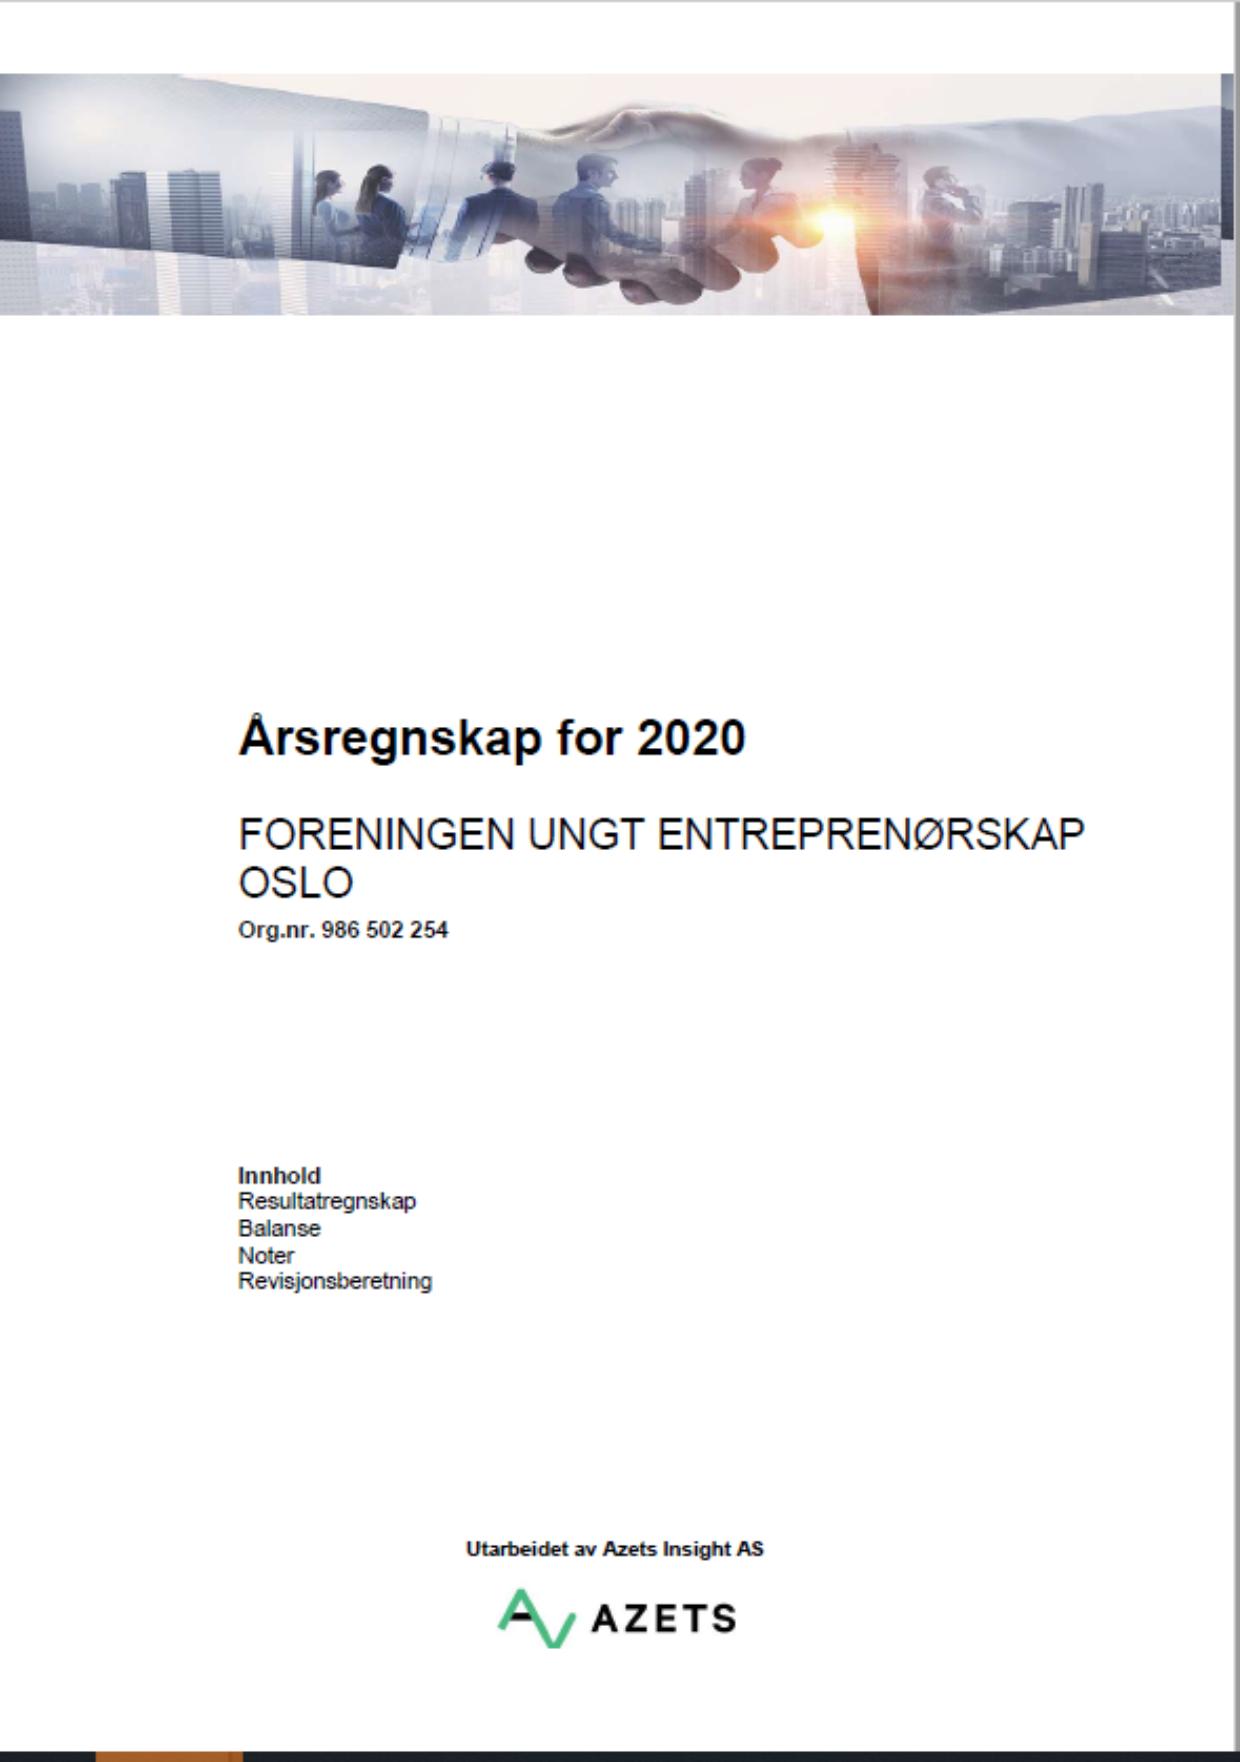 Arsregnskap UE Oslo s1